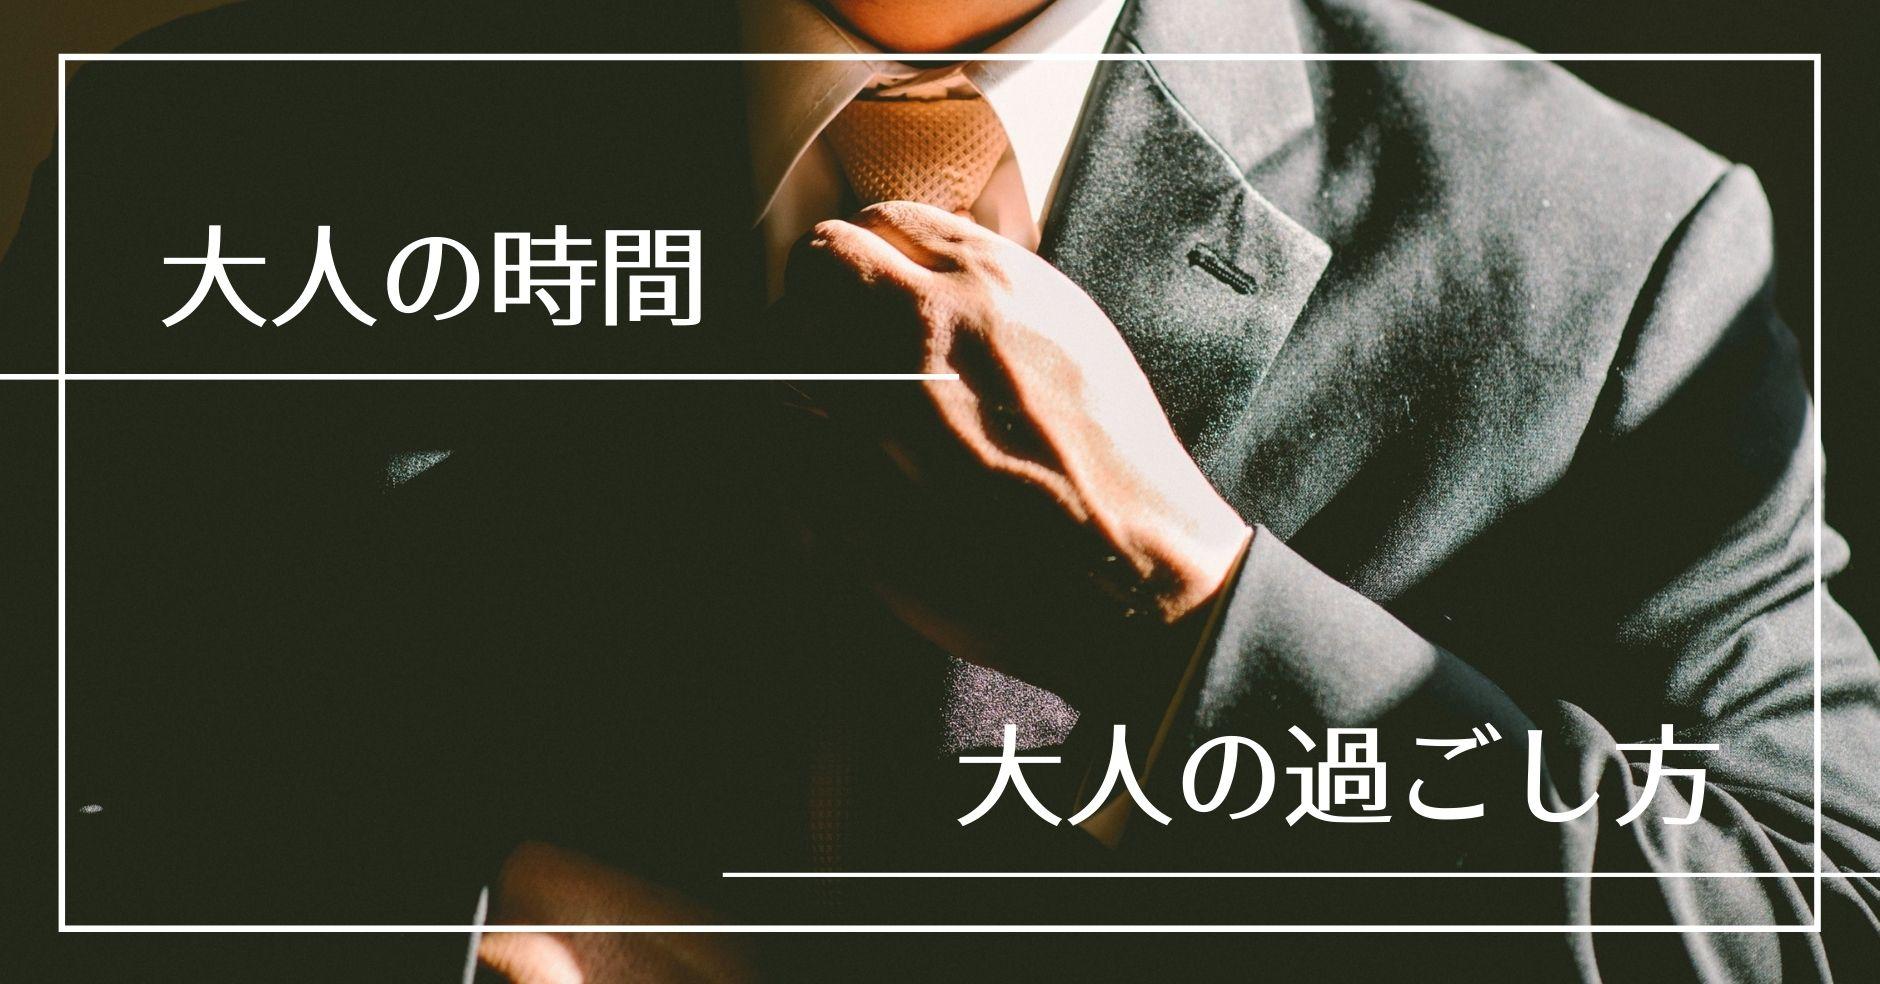 01_大人の時間